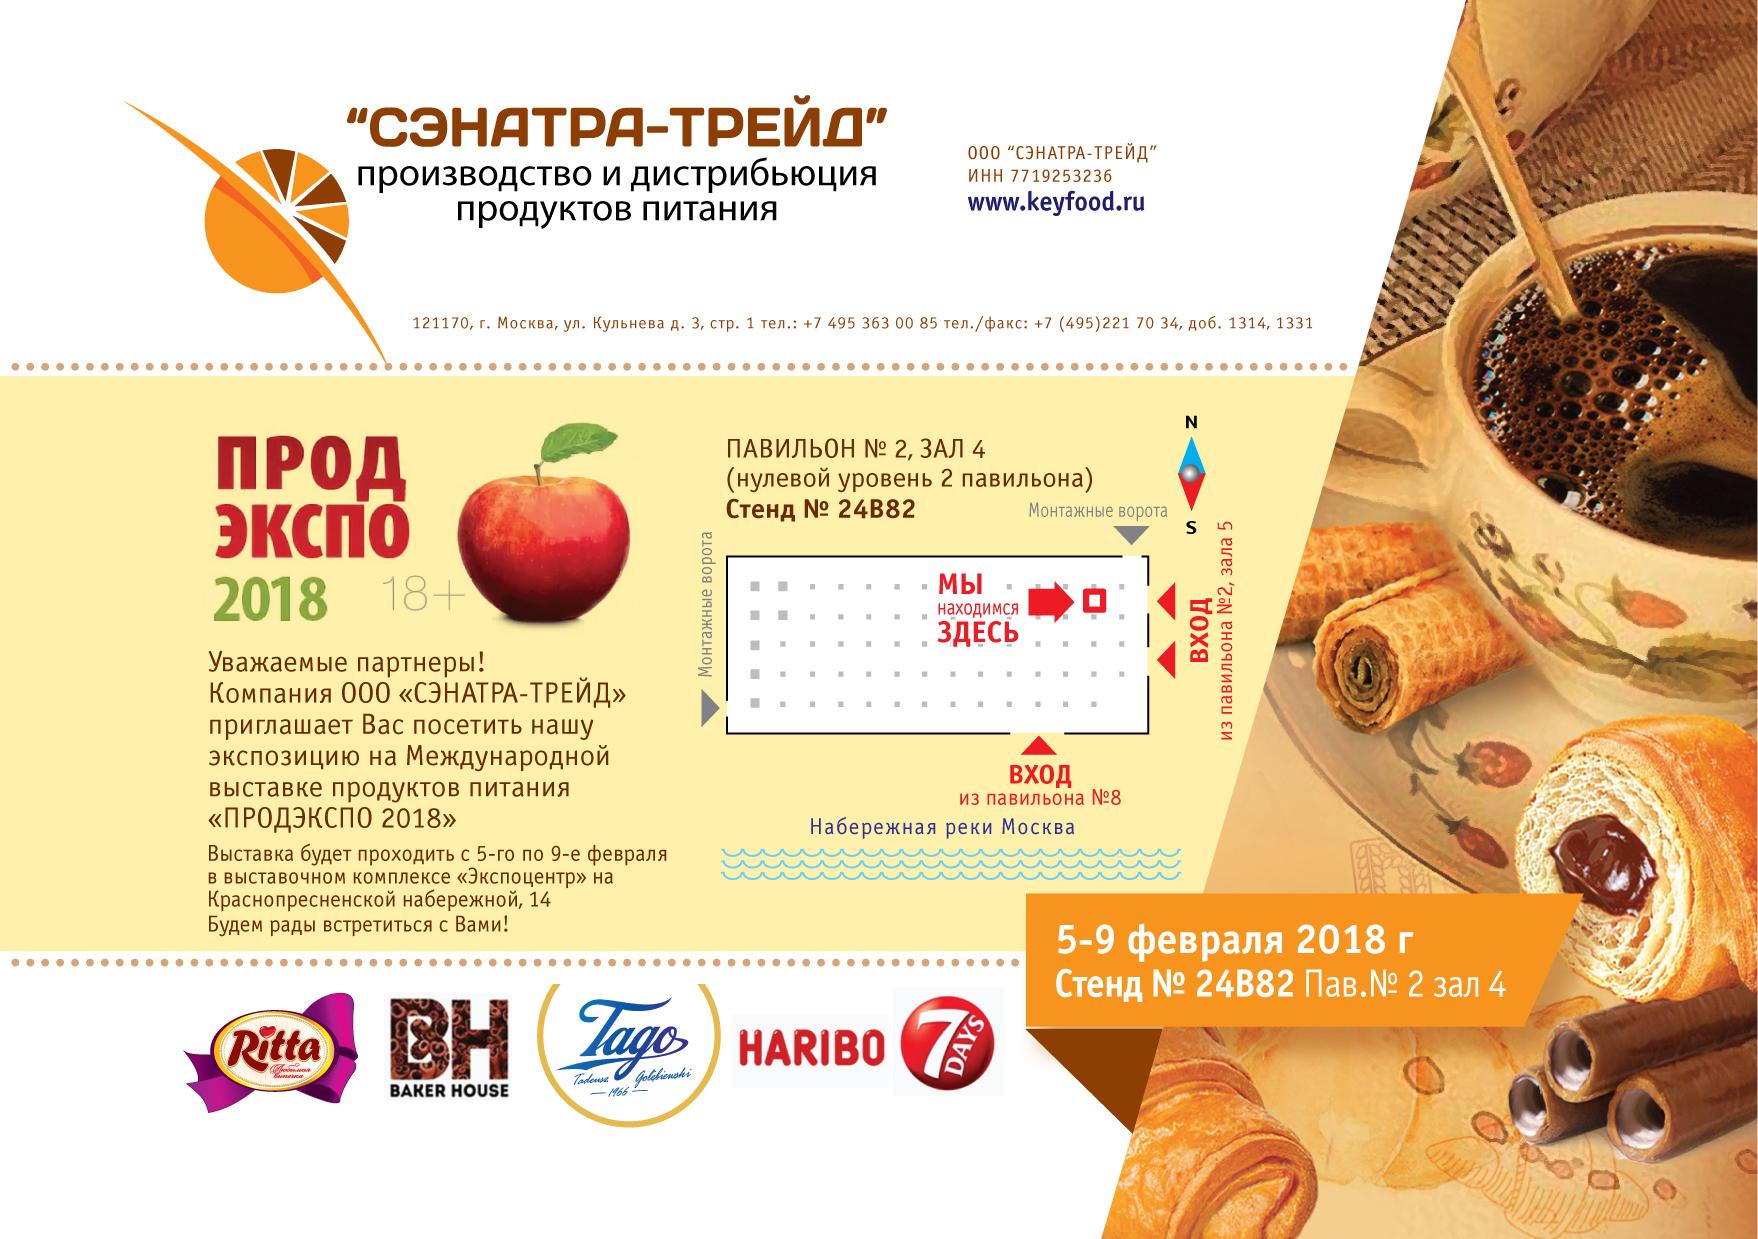 Приглашение на выставку ПРОДЭКСПО 2018